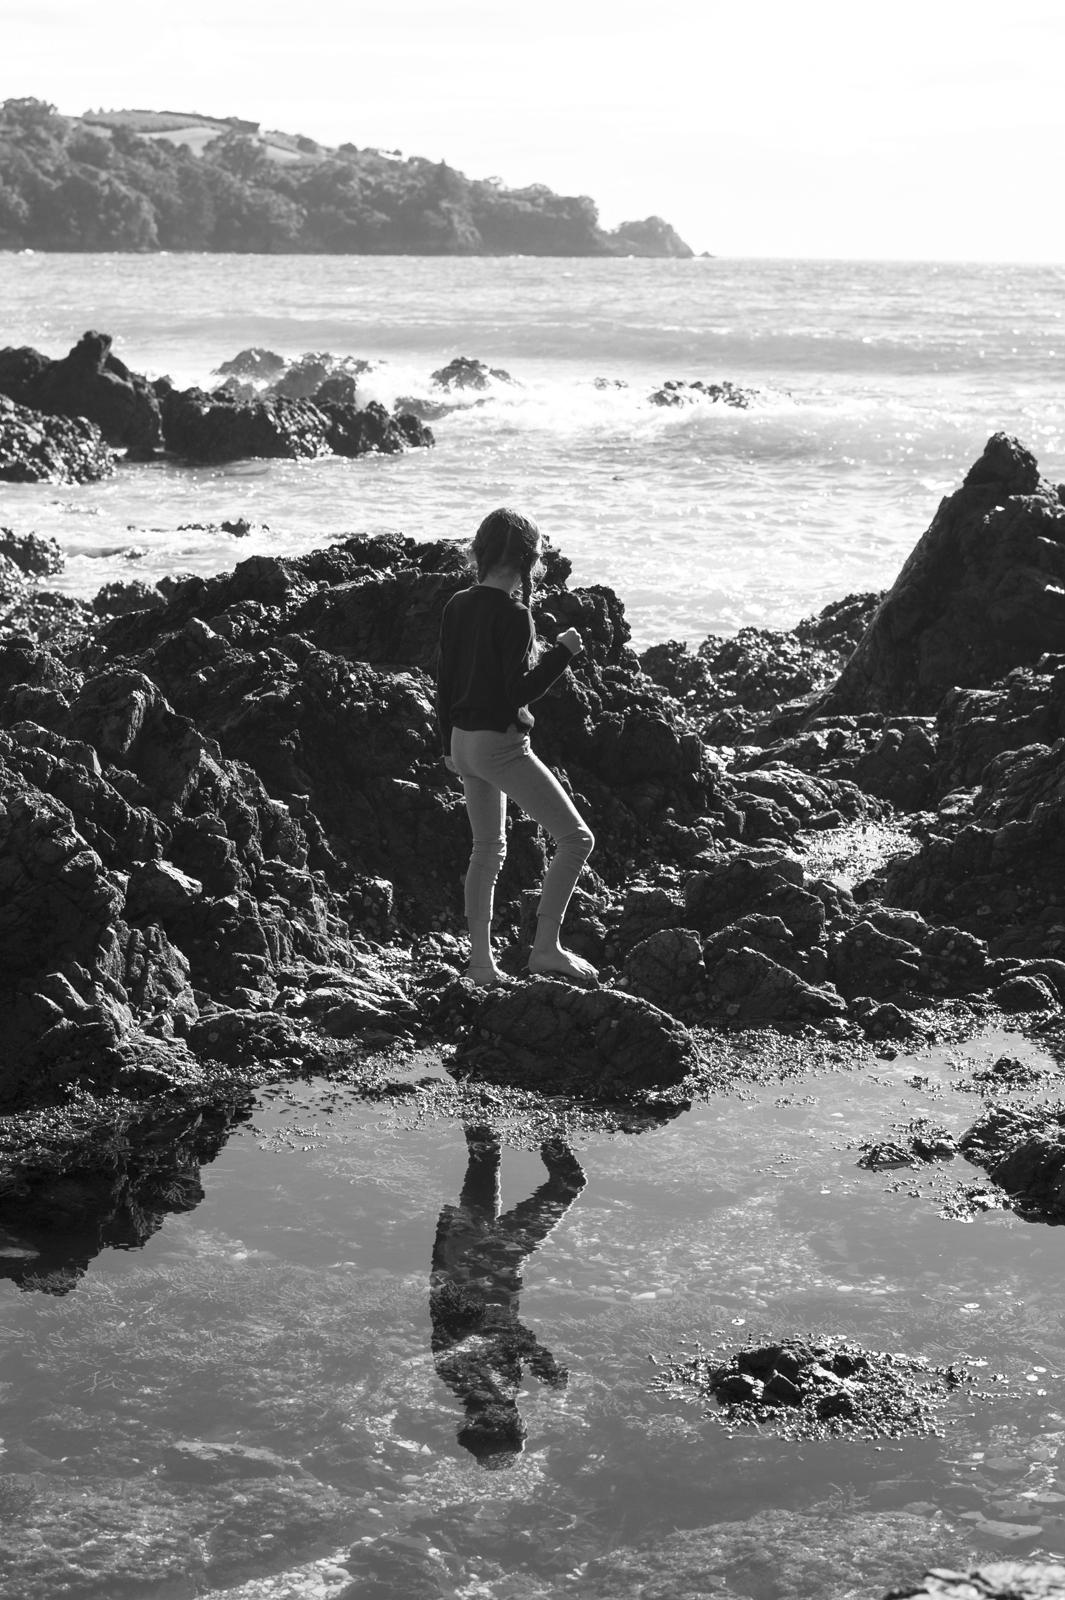 Kira watching the waves crashing